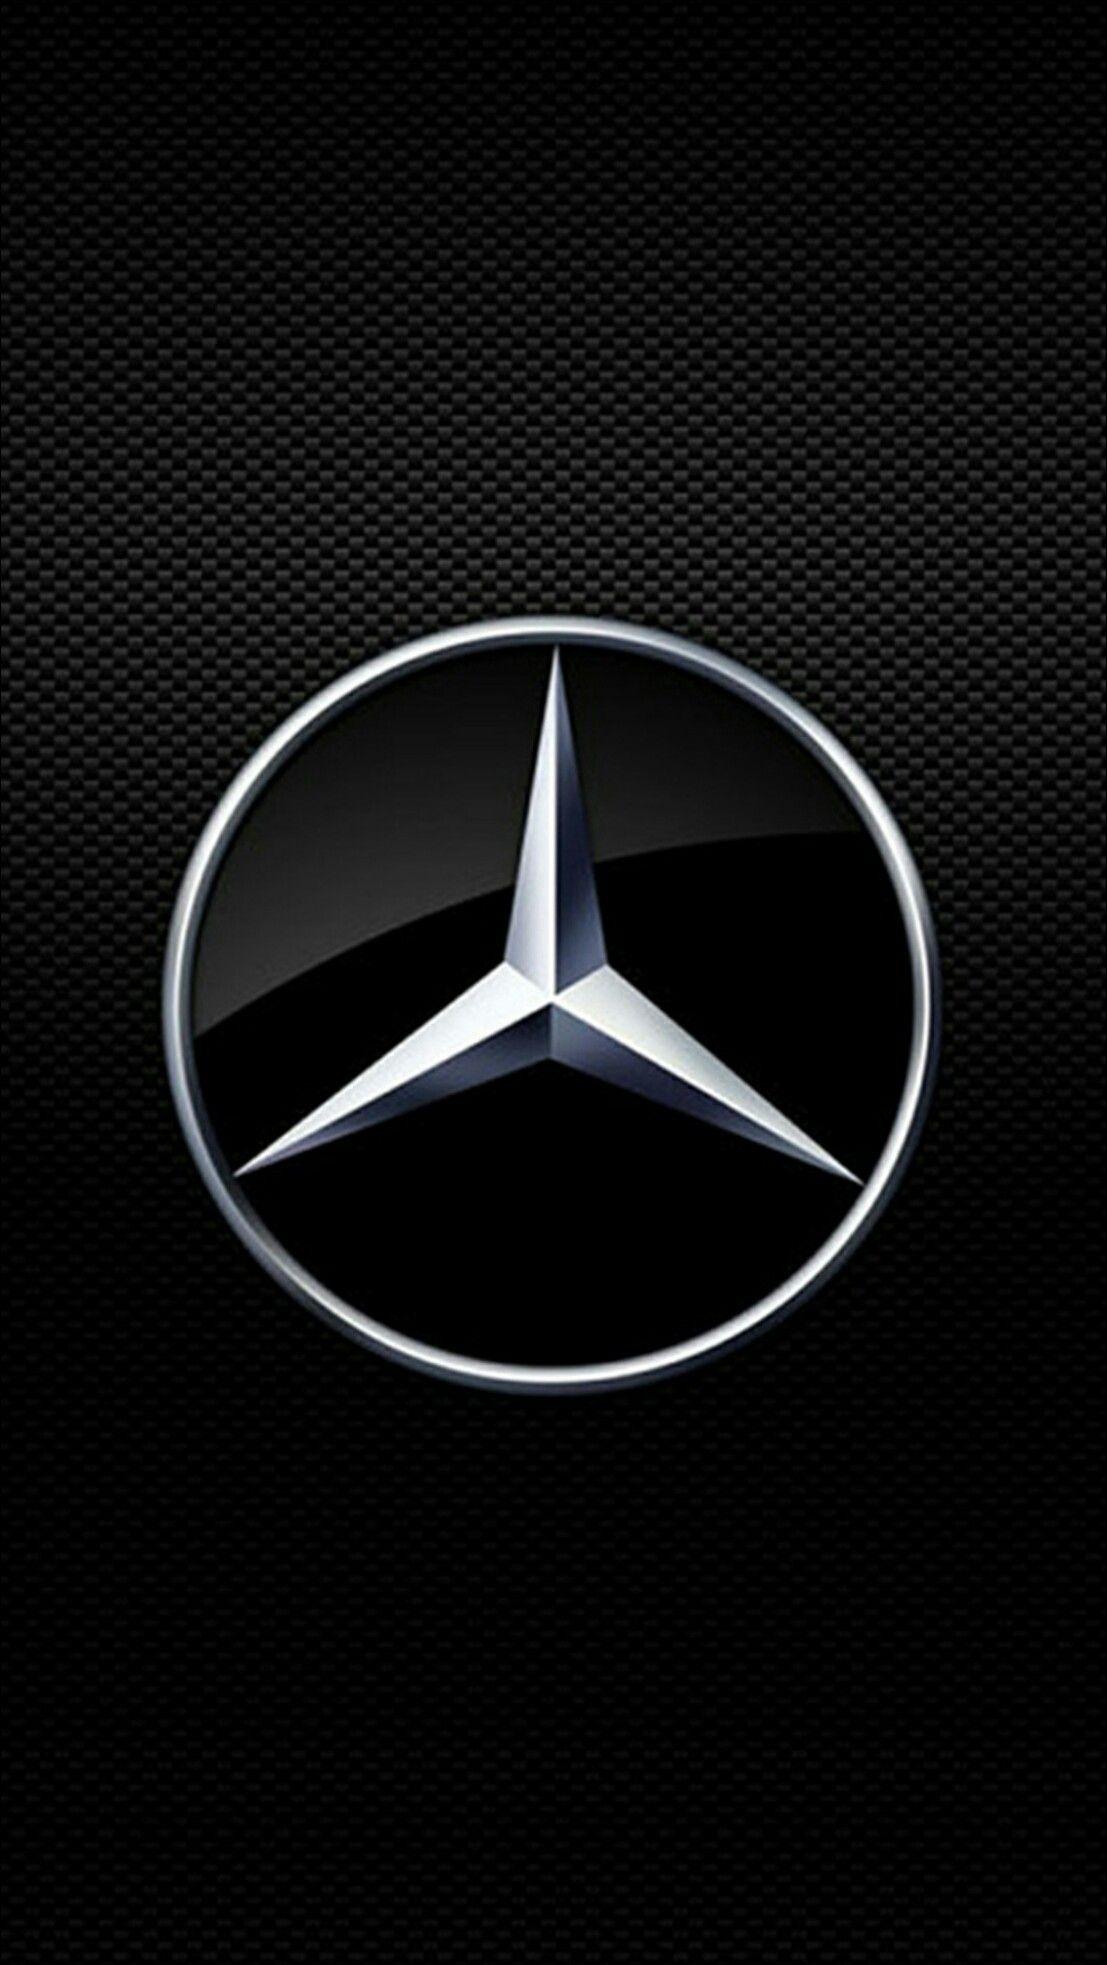 New Mercedes Benz Logo Wallpapers Desktop To Download Wallpaper